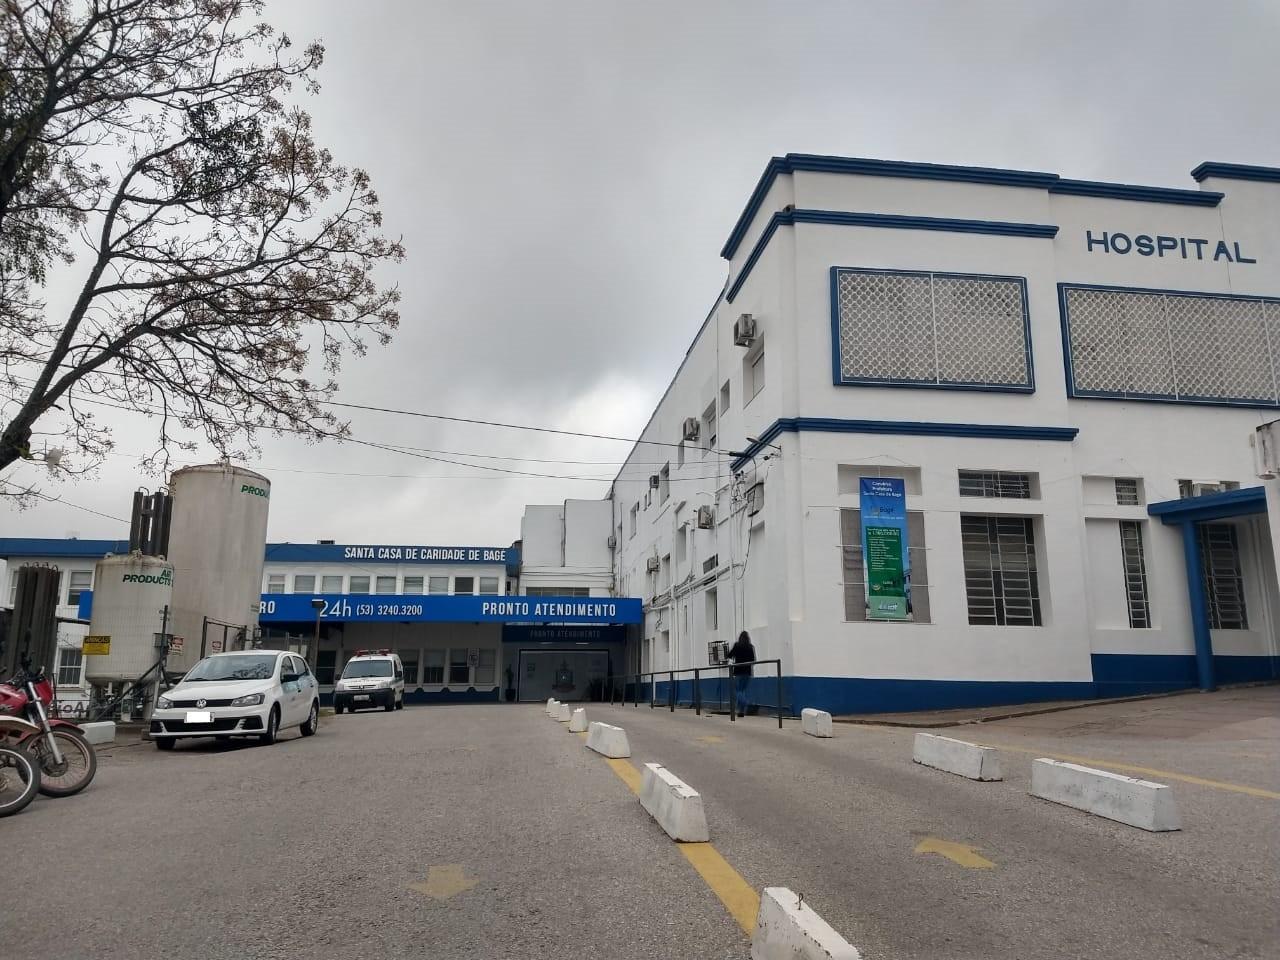 Após ser velada durante 8 horas, idosa é levada de volta a hospital em Bagé - Notícias - Plantão Diário